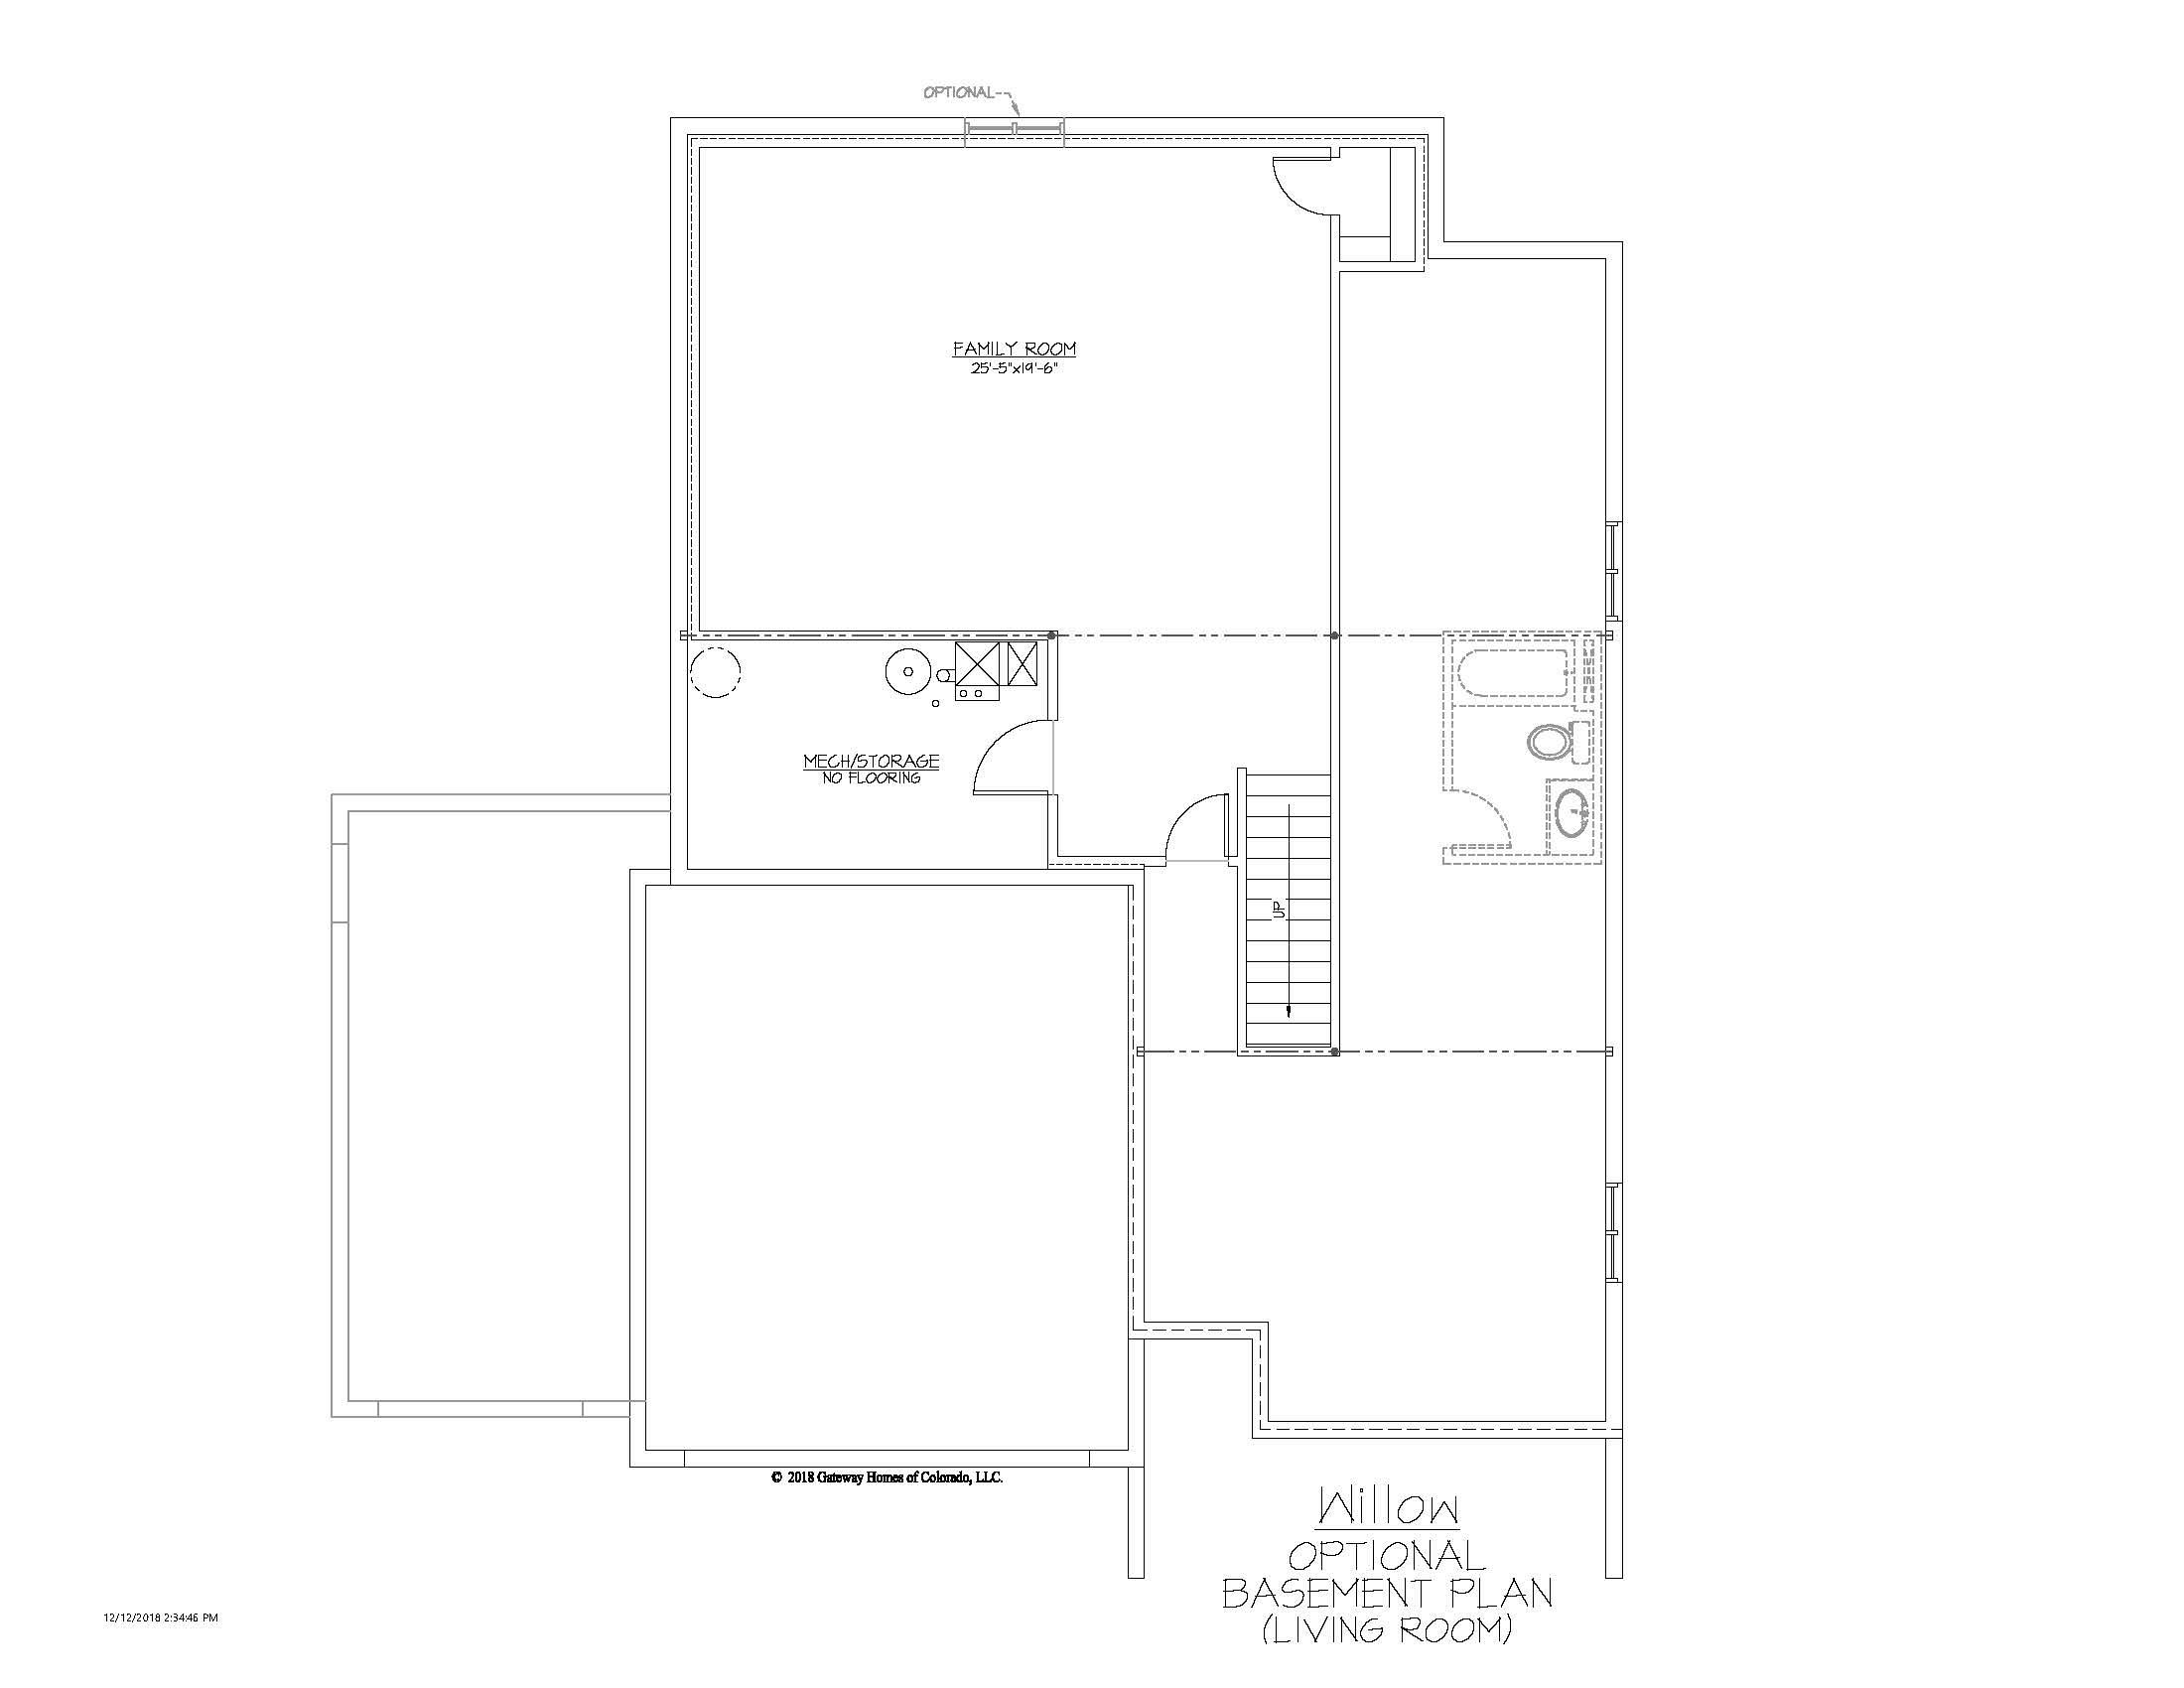 SM Willow Basement Living Room Finsh